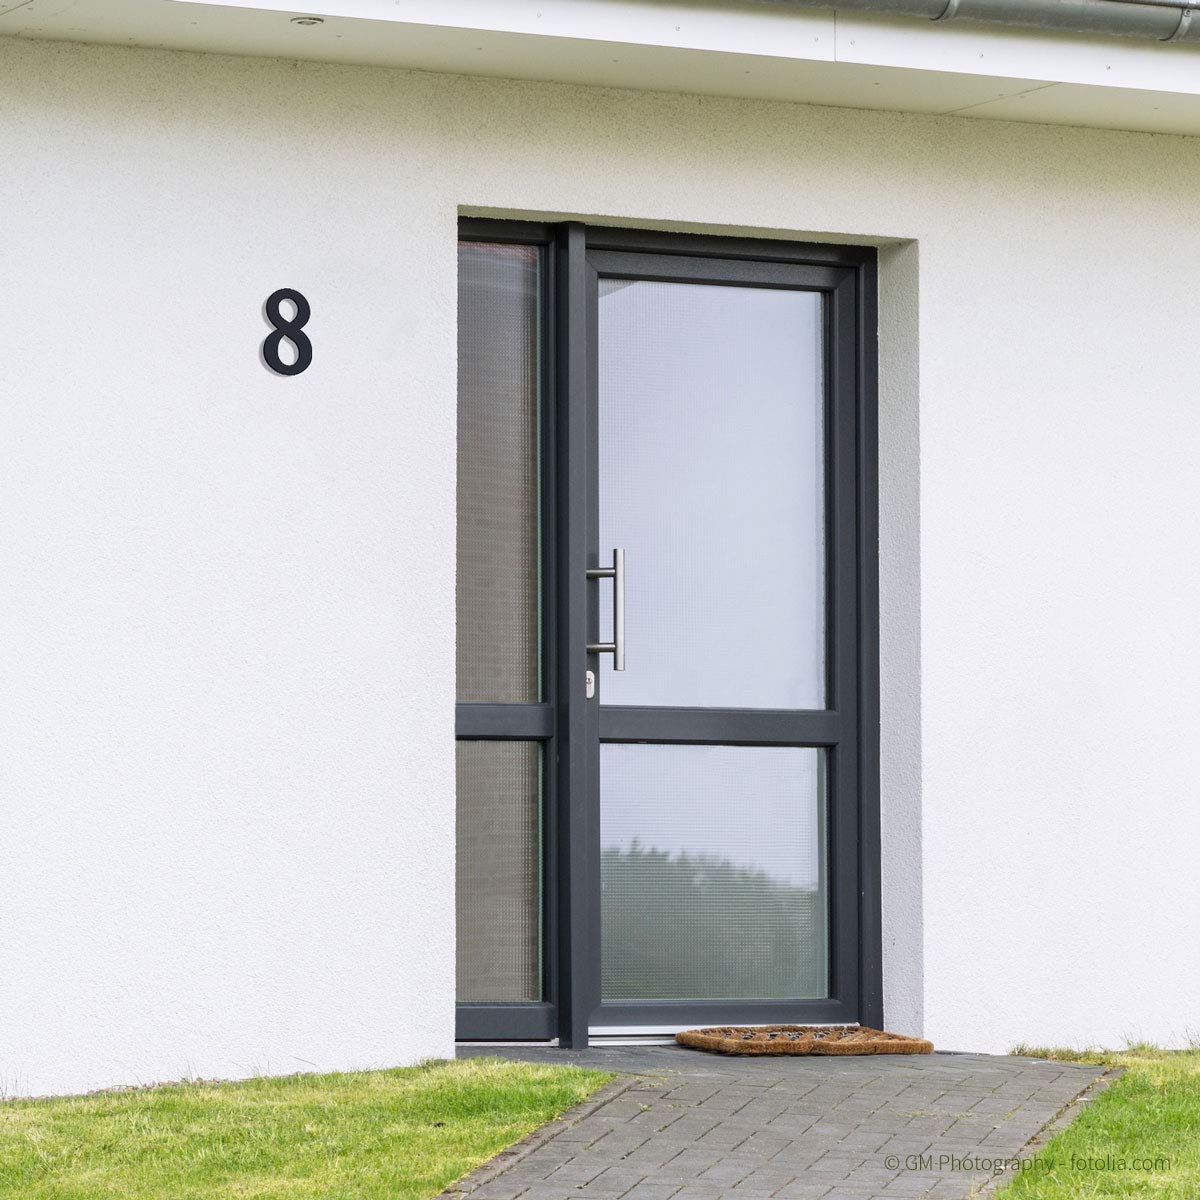 Thorwa/® verschn/örkelte Design Edelstahl Hausnummer Cabaletta Stil H: 160mm RAL 7016 4 anthrazit pulverbeschichtet